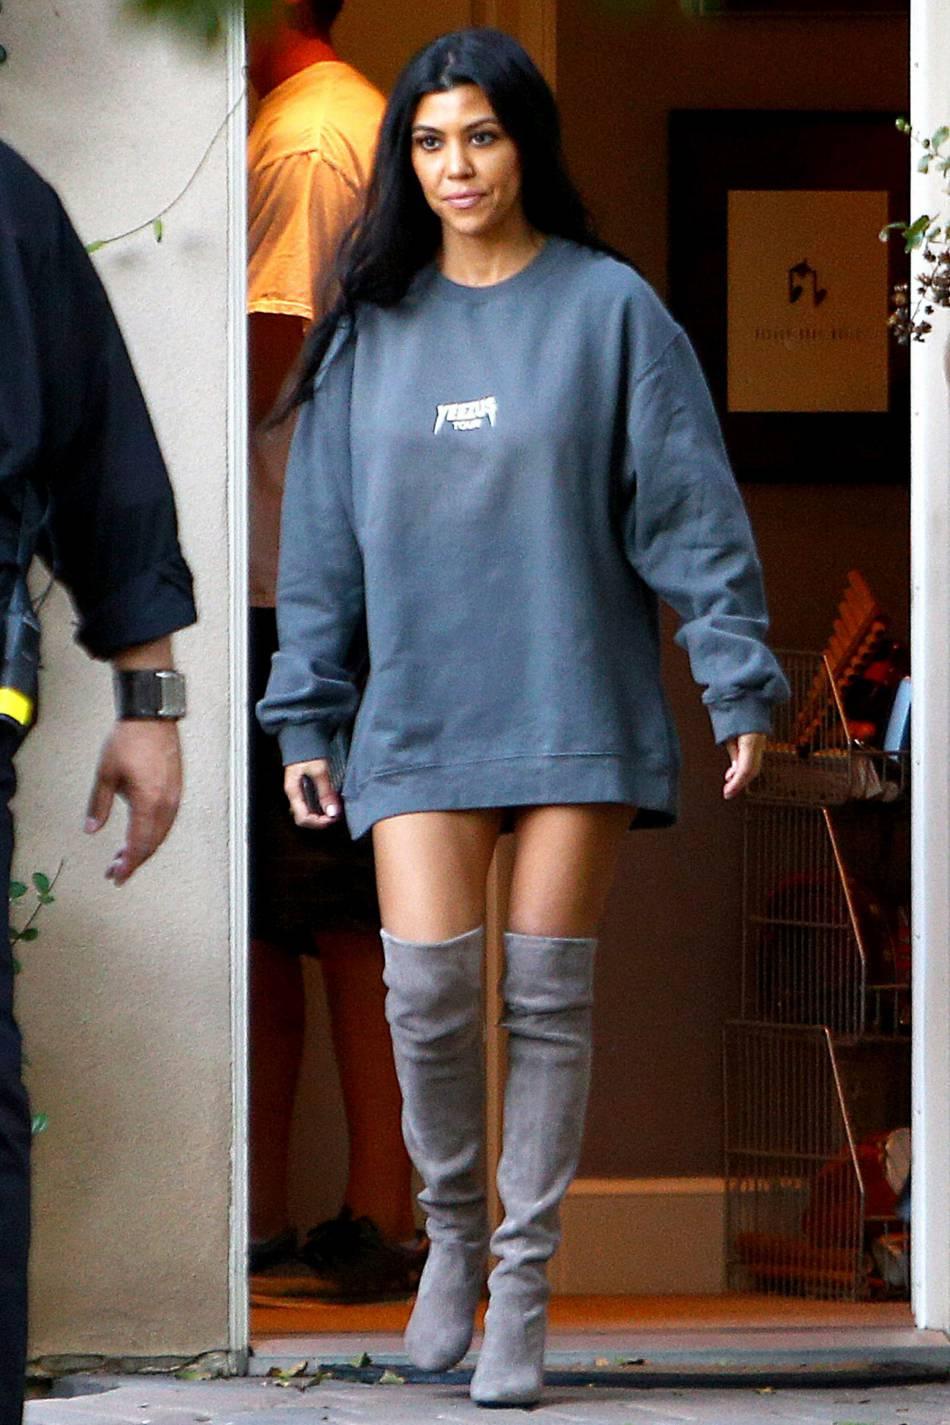 Bien décidée à faire enrager Scott, Kourtney Kardashian oublie le bas, samedi 31 octobre 2015.